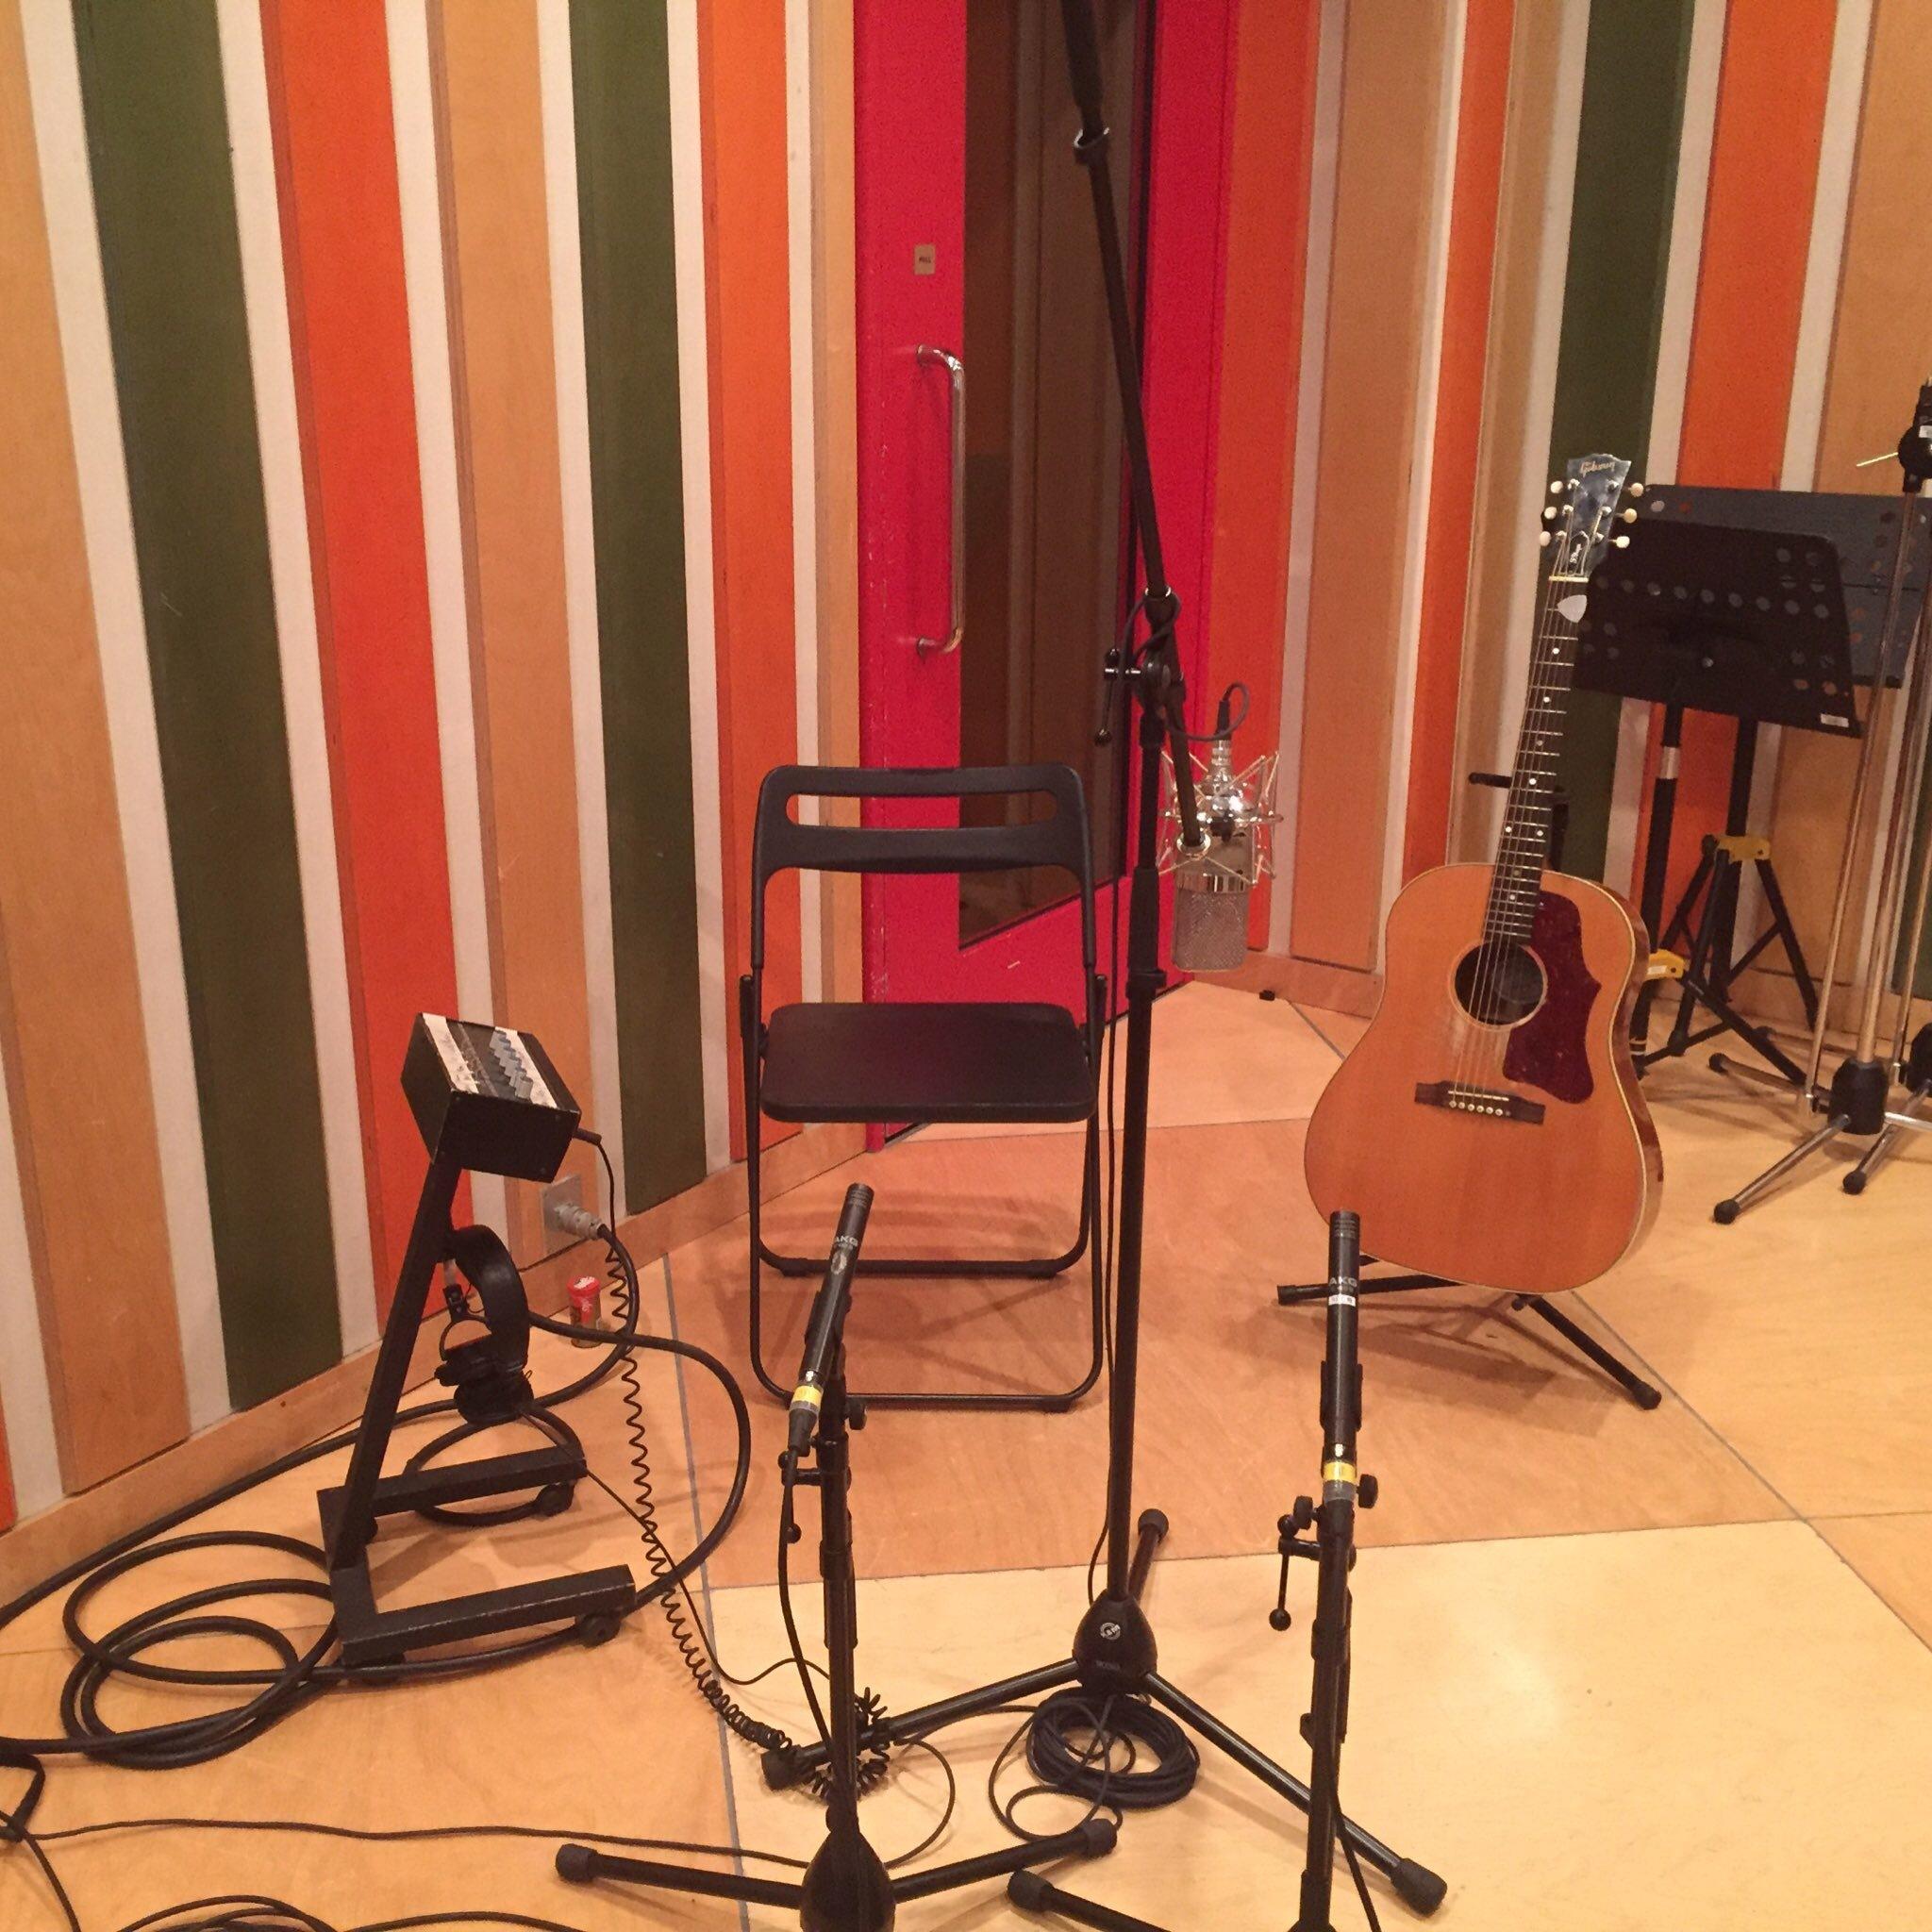 藤田悠也と一緒に歌いましょうプラン